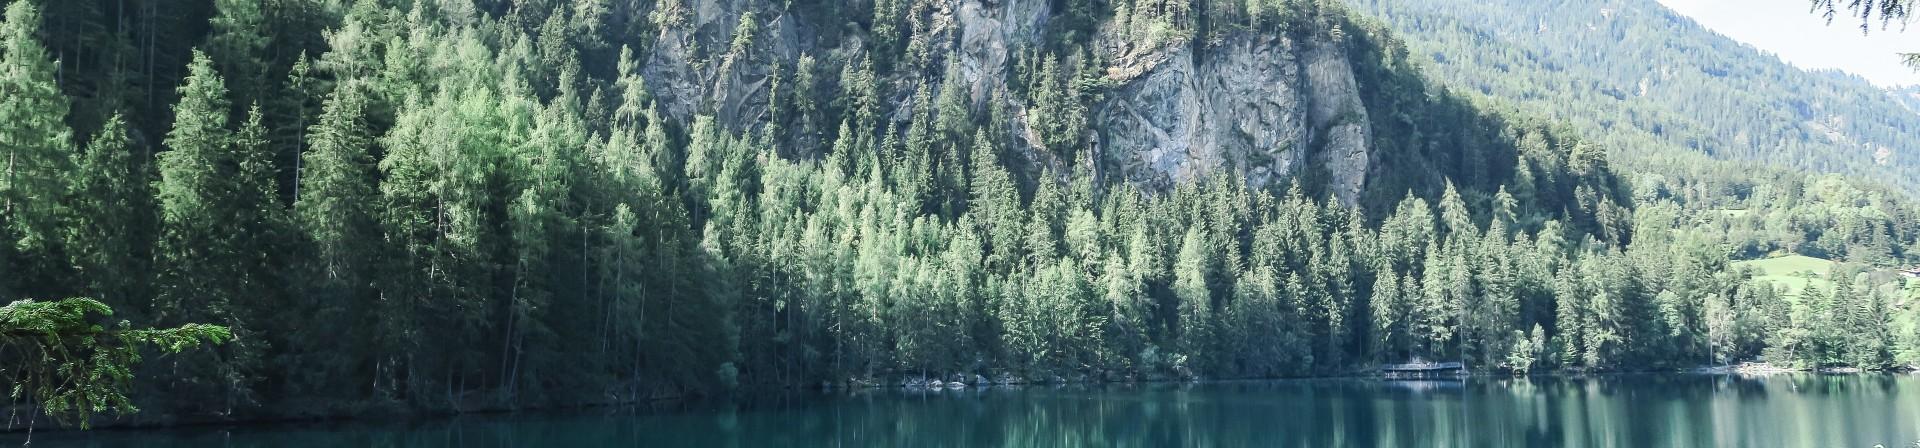 Oplev Seefeld søerne på din rejse til Østrig